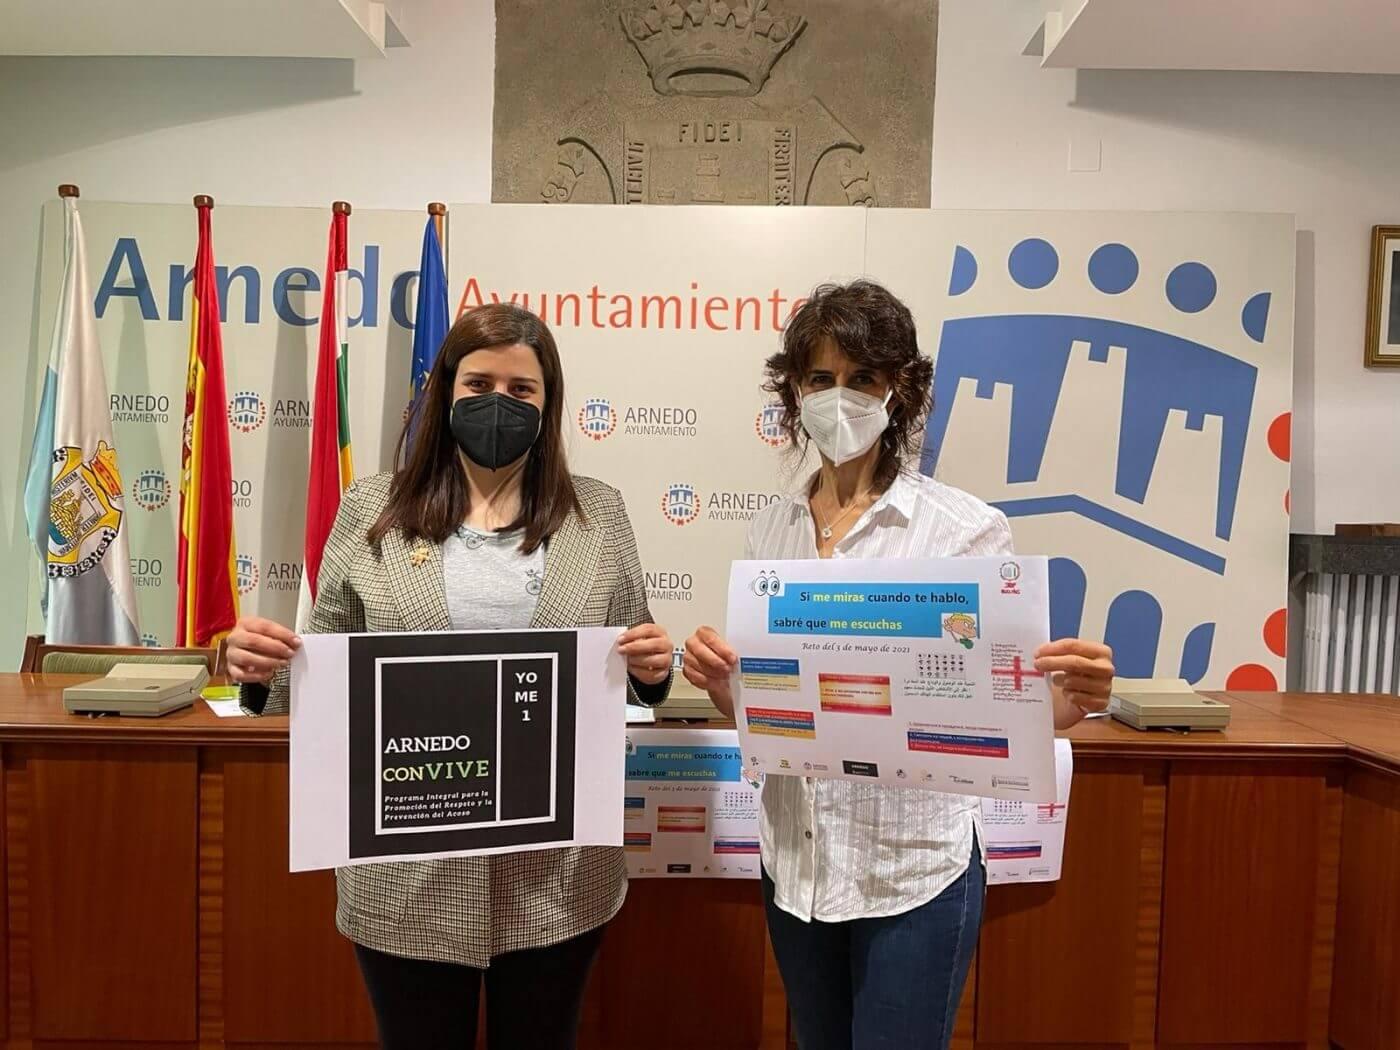 'Arnedo Convive' lanza un reto a toda la ciudadanía con motivo del 'Día Internacional contra el Acoso Escolar'